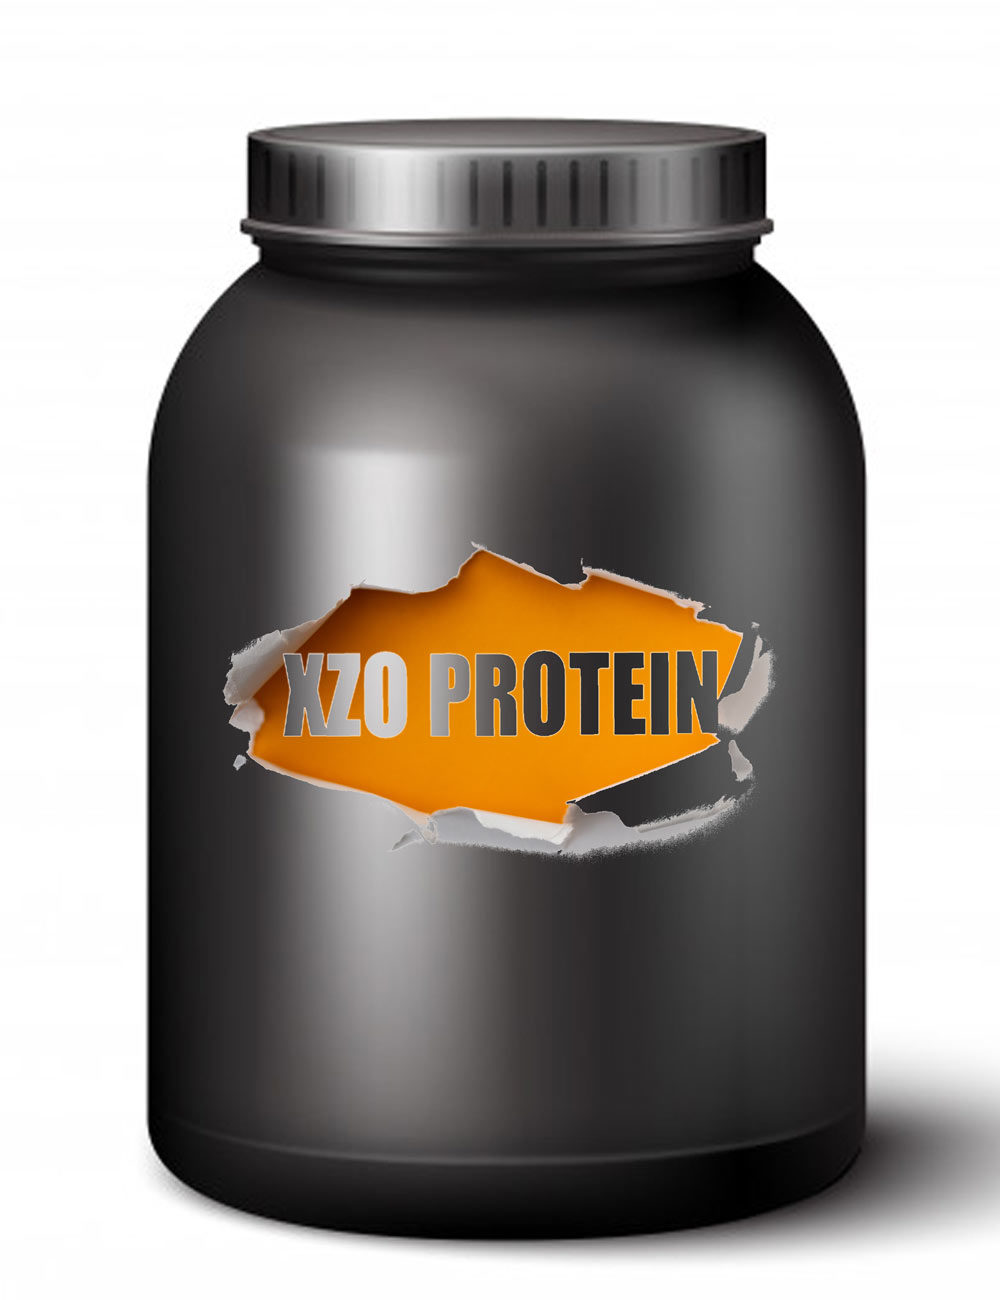 Купить протеин оптом комплексный протеин XZO Nutrition 15 кг.- отзывы, цена, состав - спортивное питание оптом в Украине tvoy-prot.com.ua